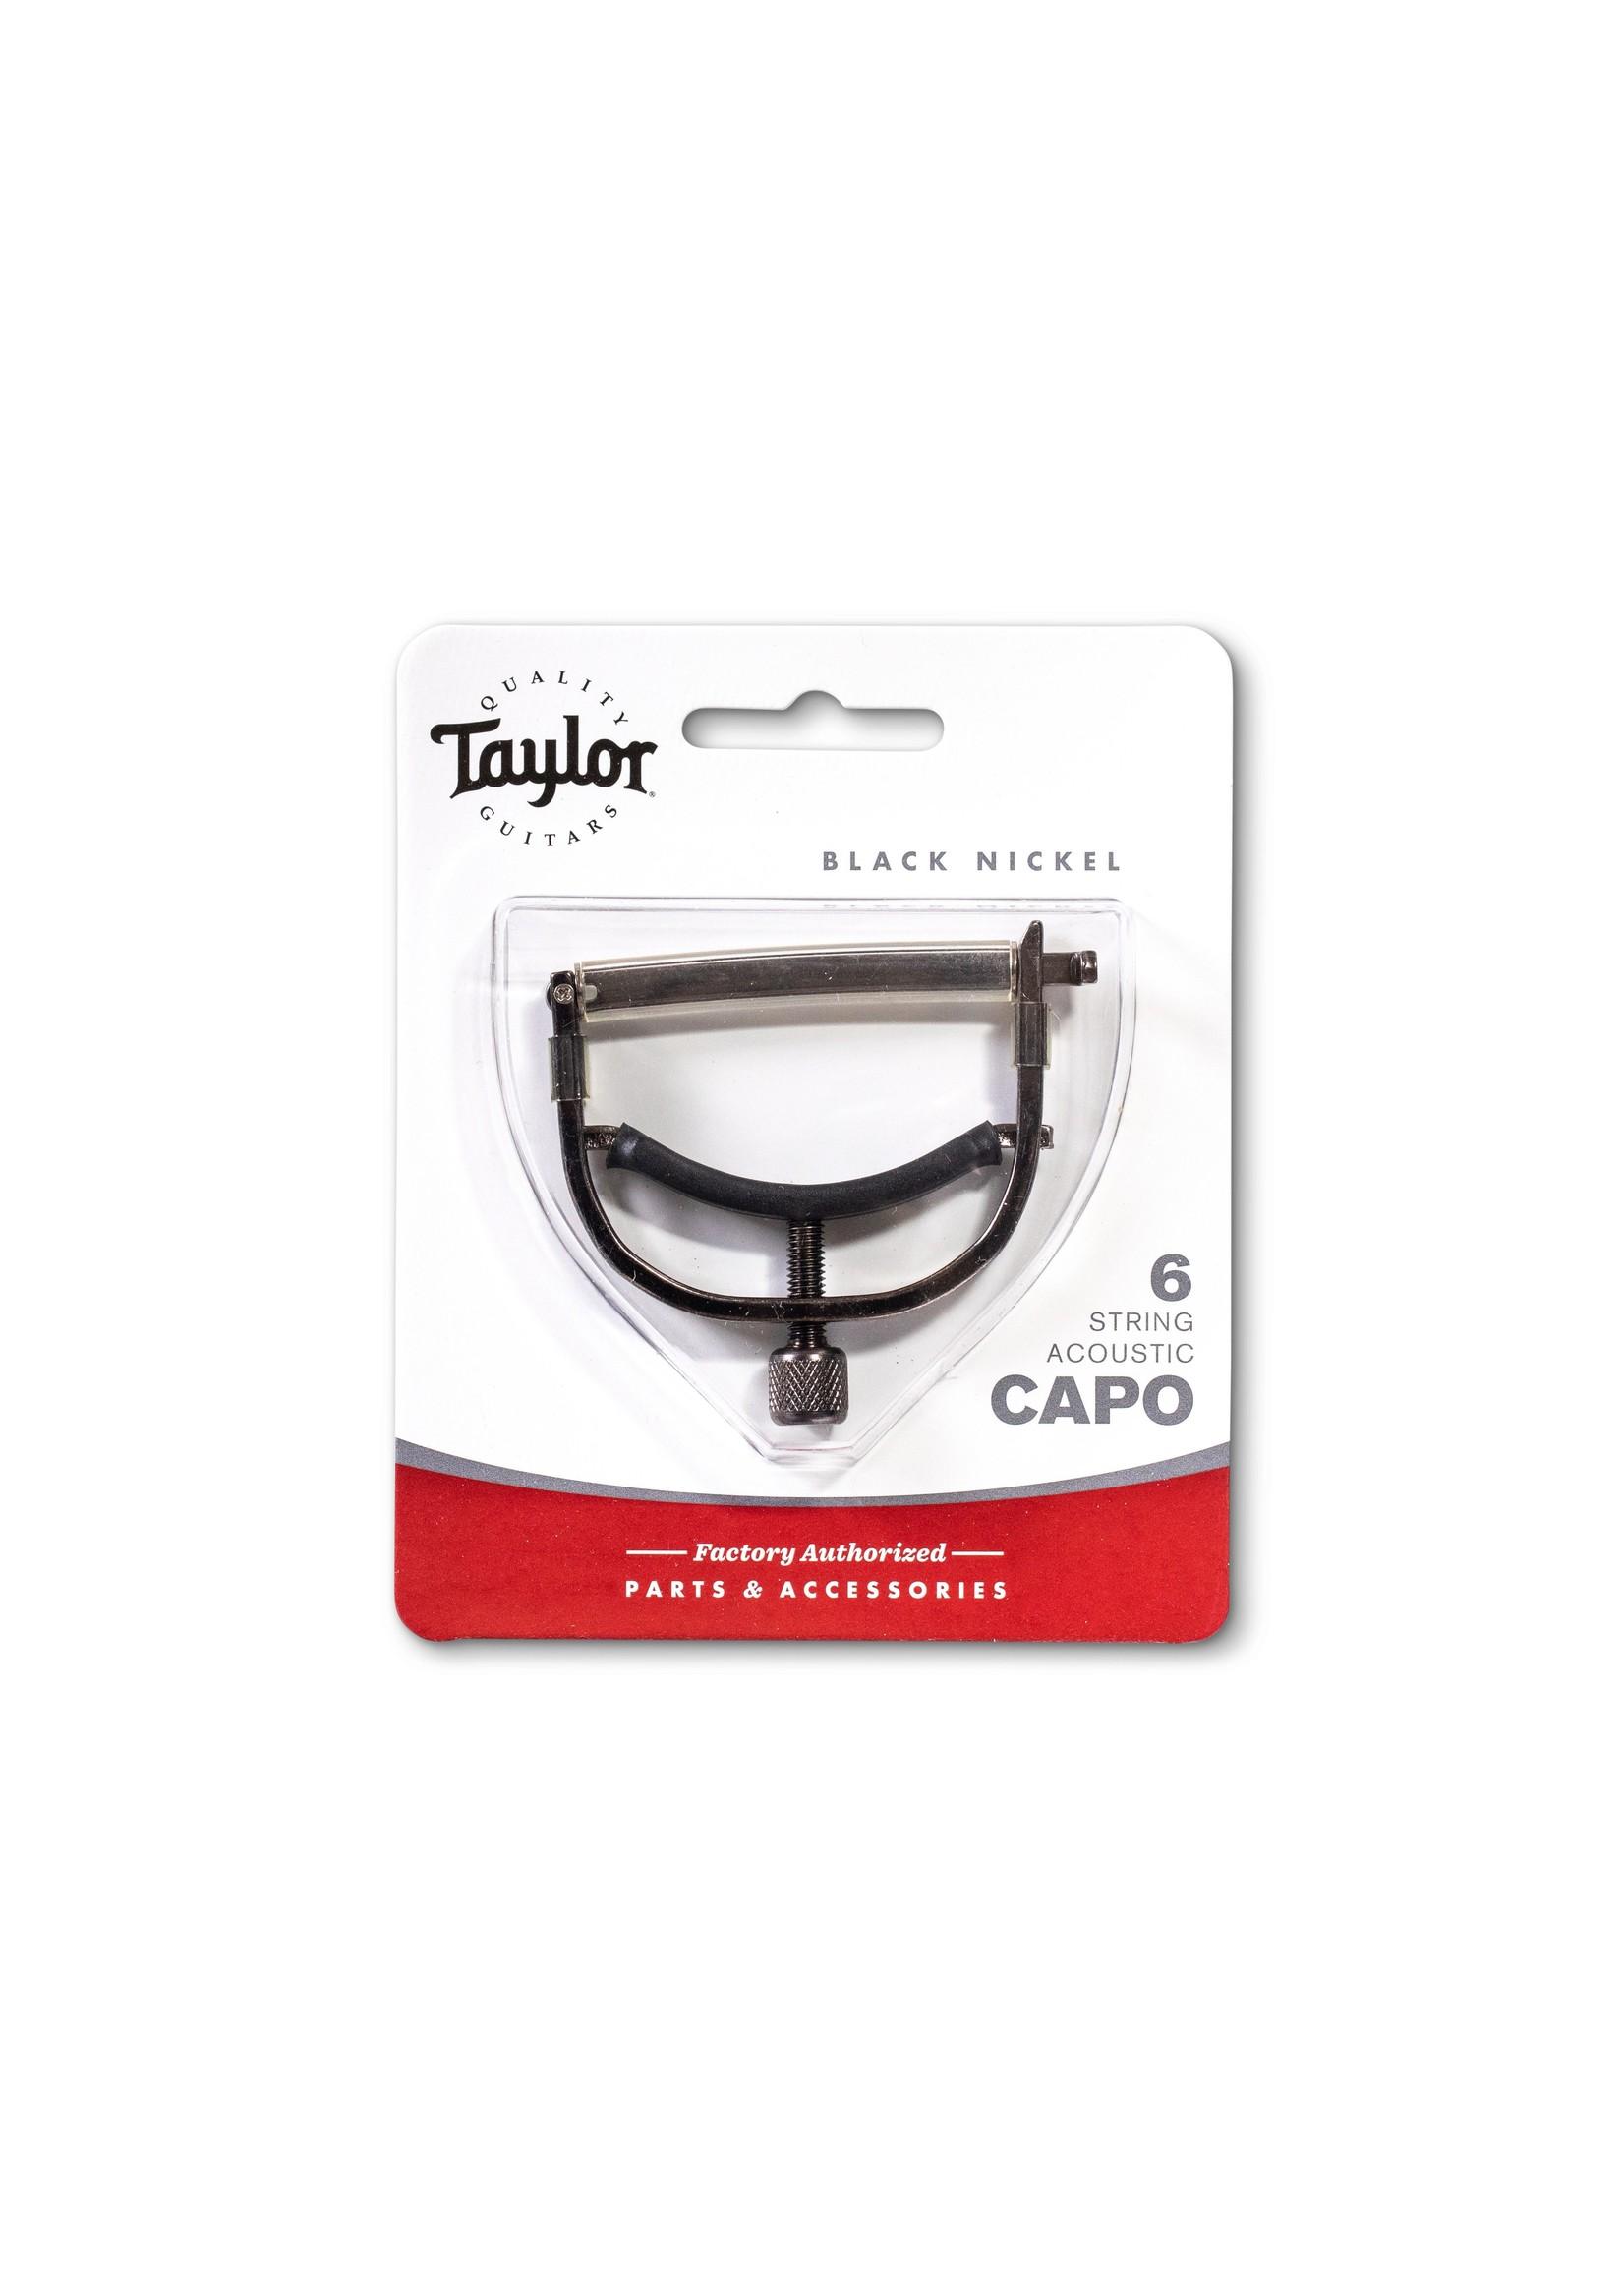 Taylor Taylor Capo 6-String Black Nickel